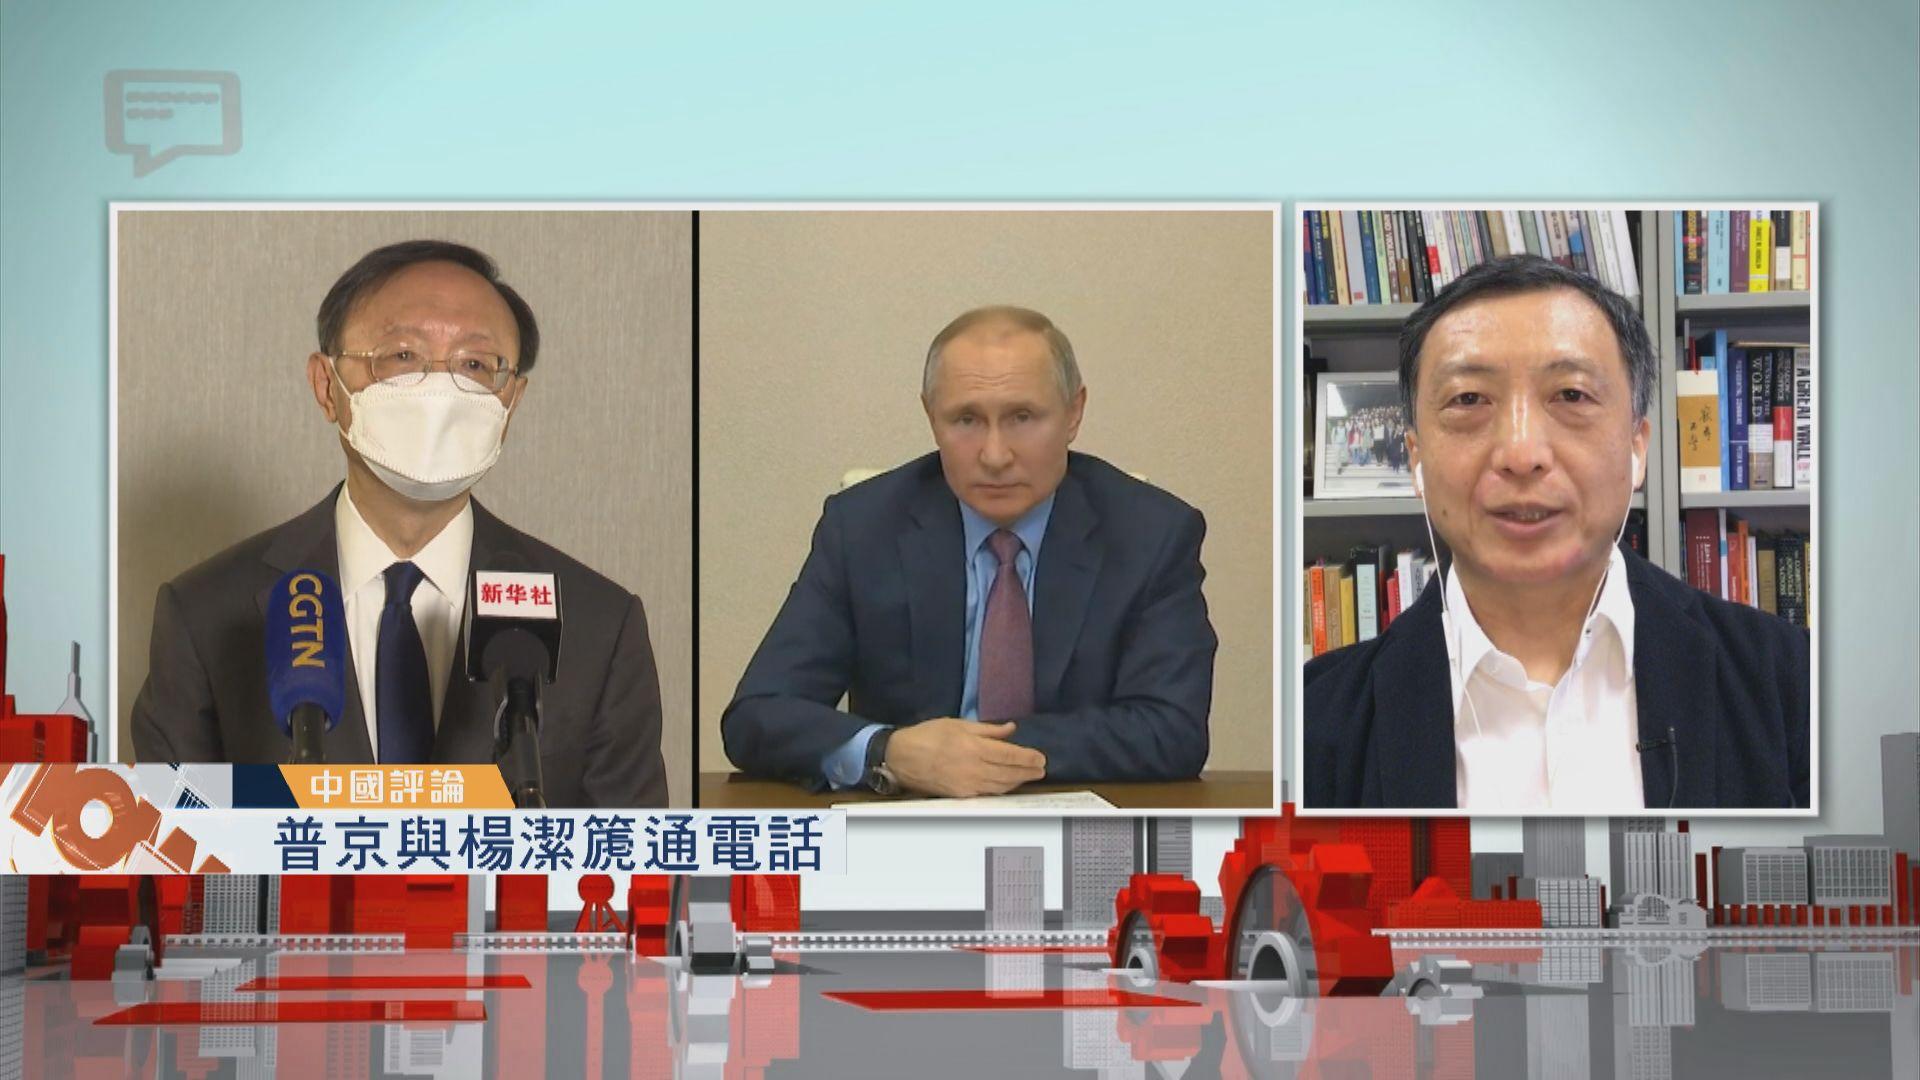 【中國評論】普京與楊潔篪通電話